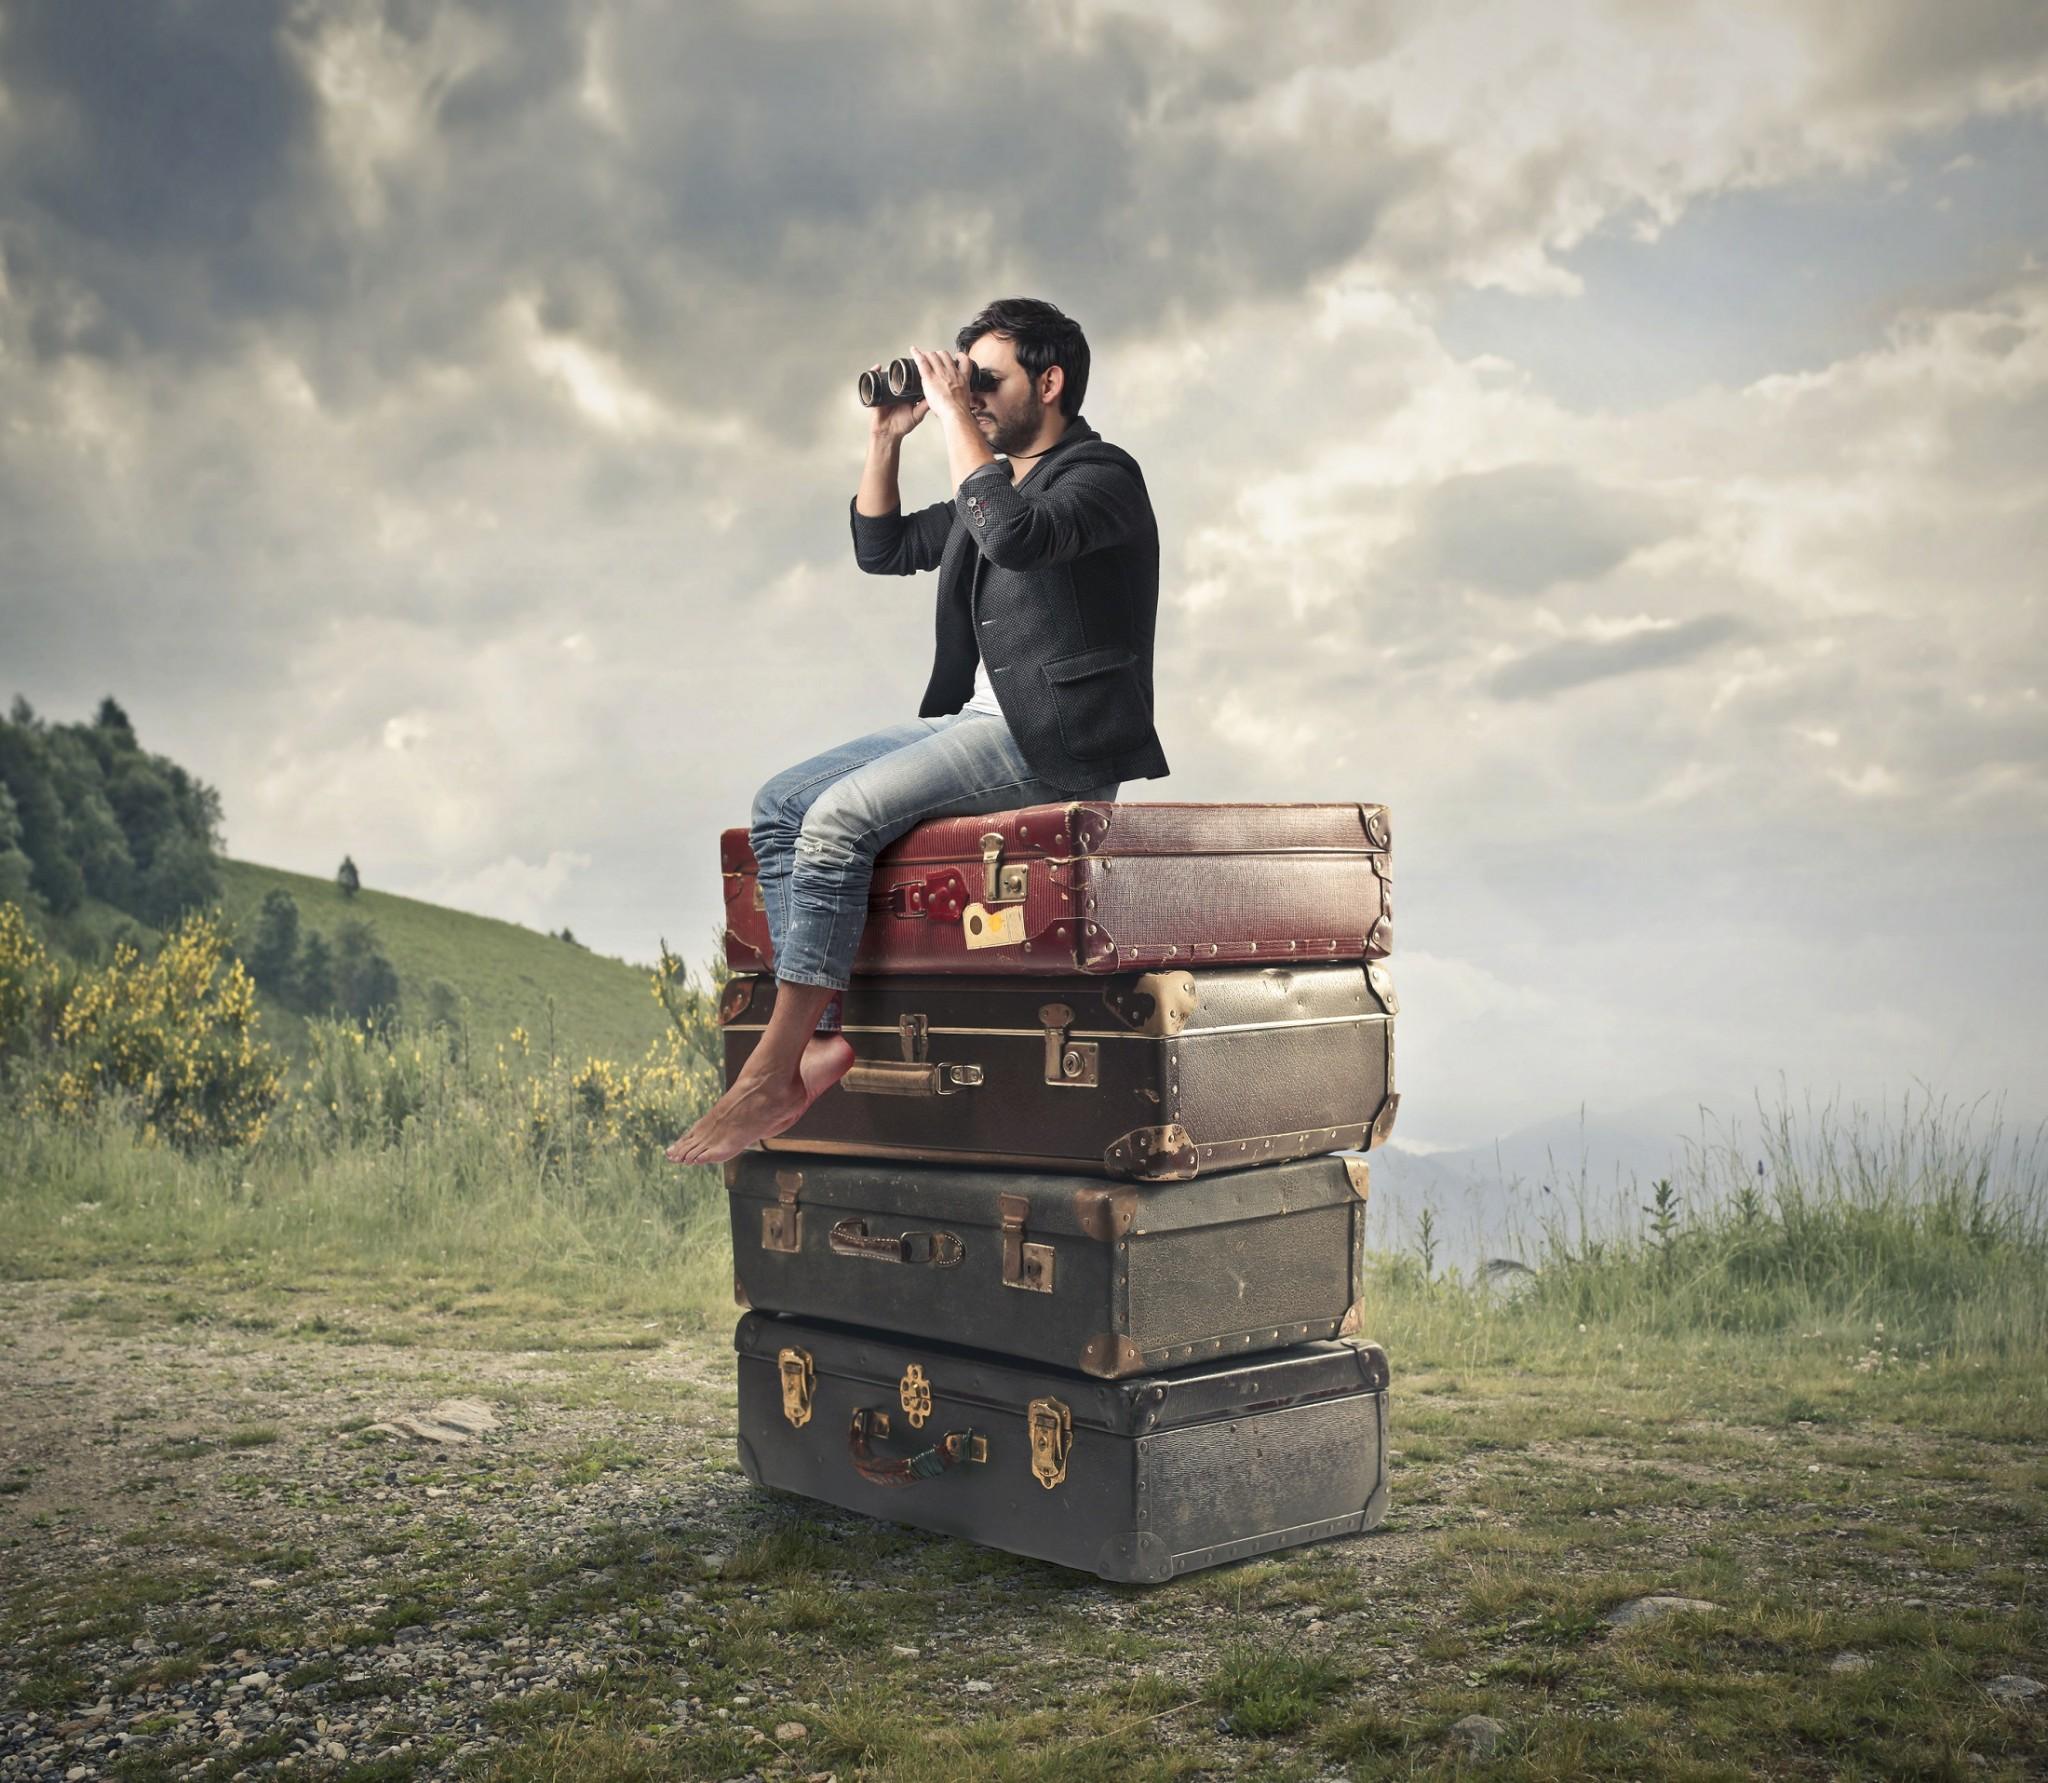 Những chuyến đi mang đến những bài học từ cuộc sống vô giá